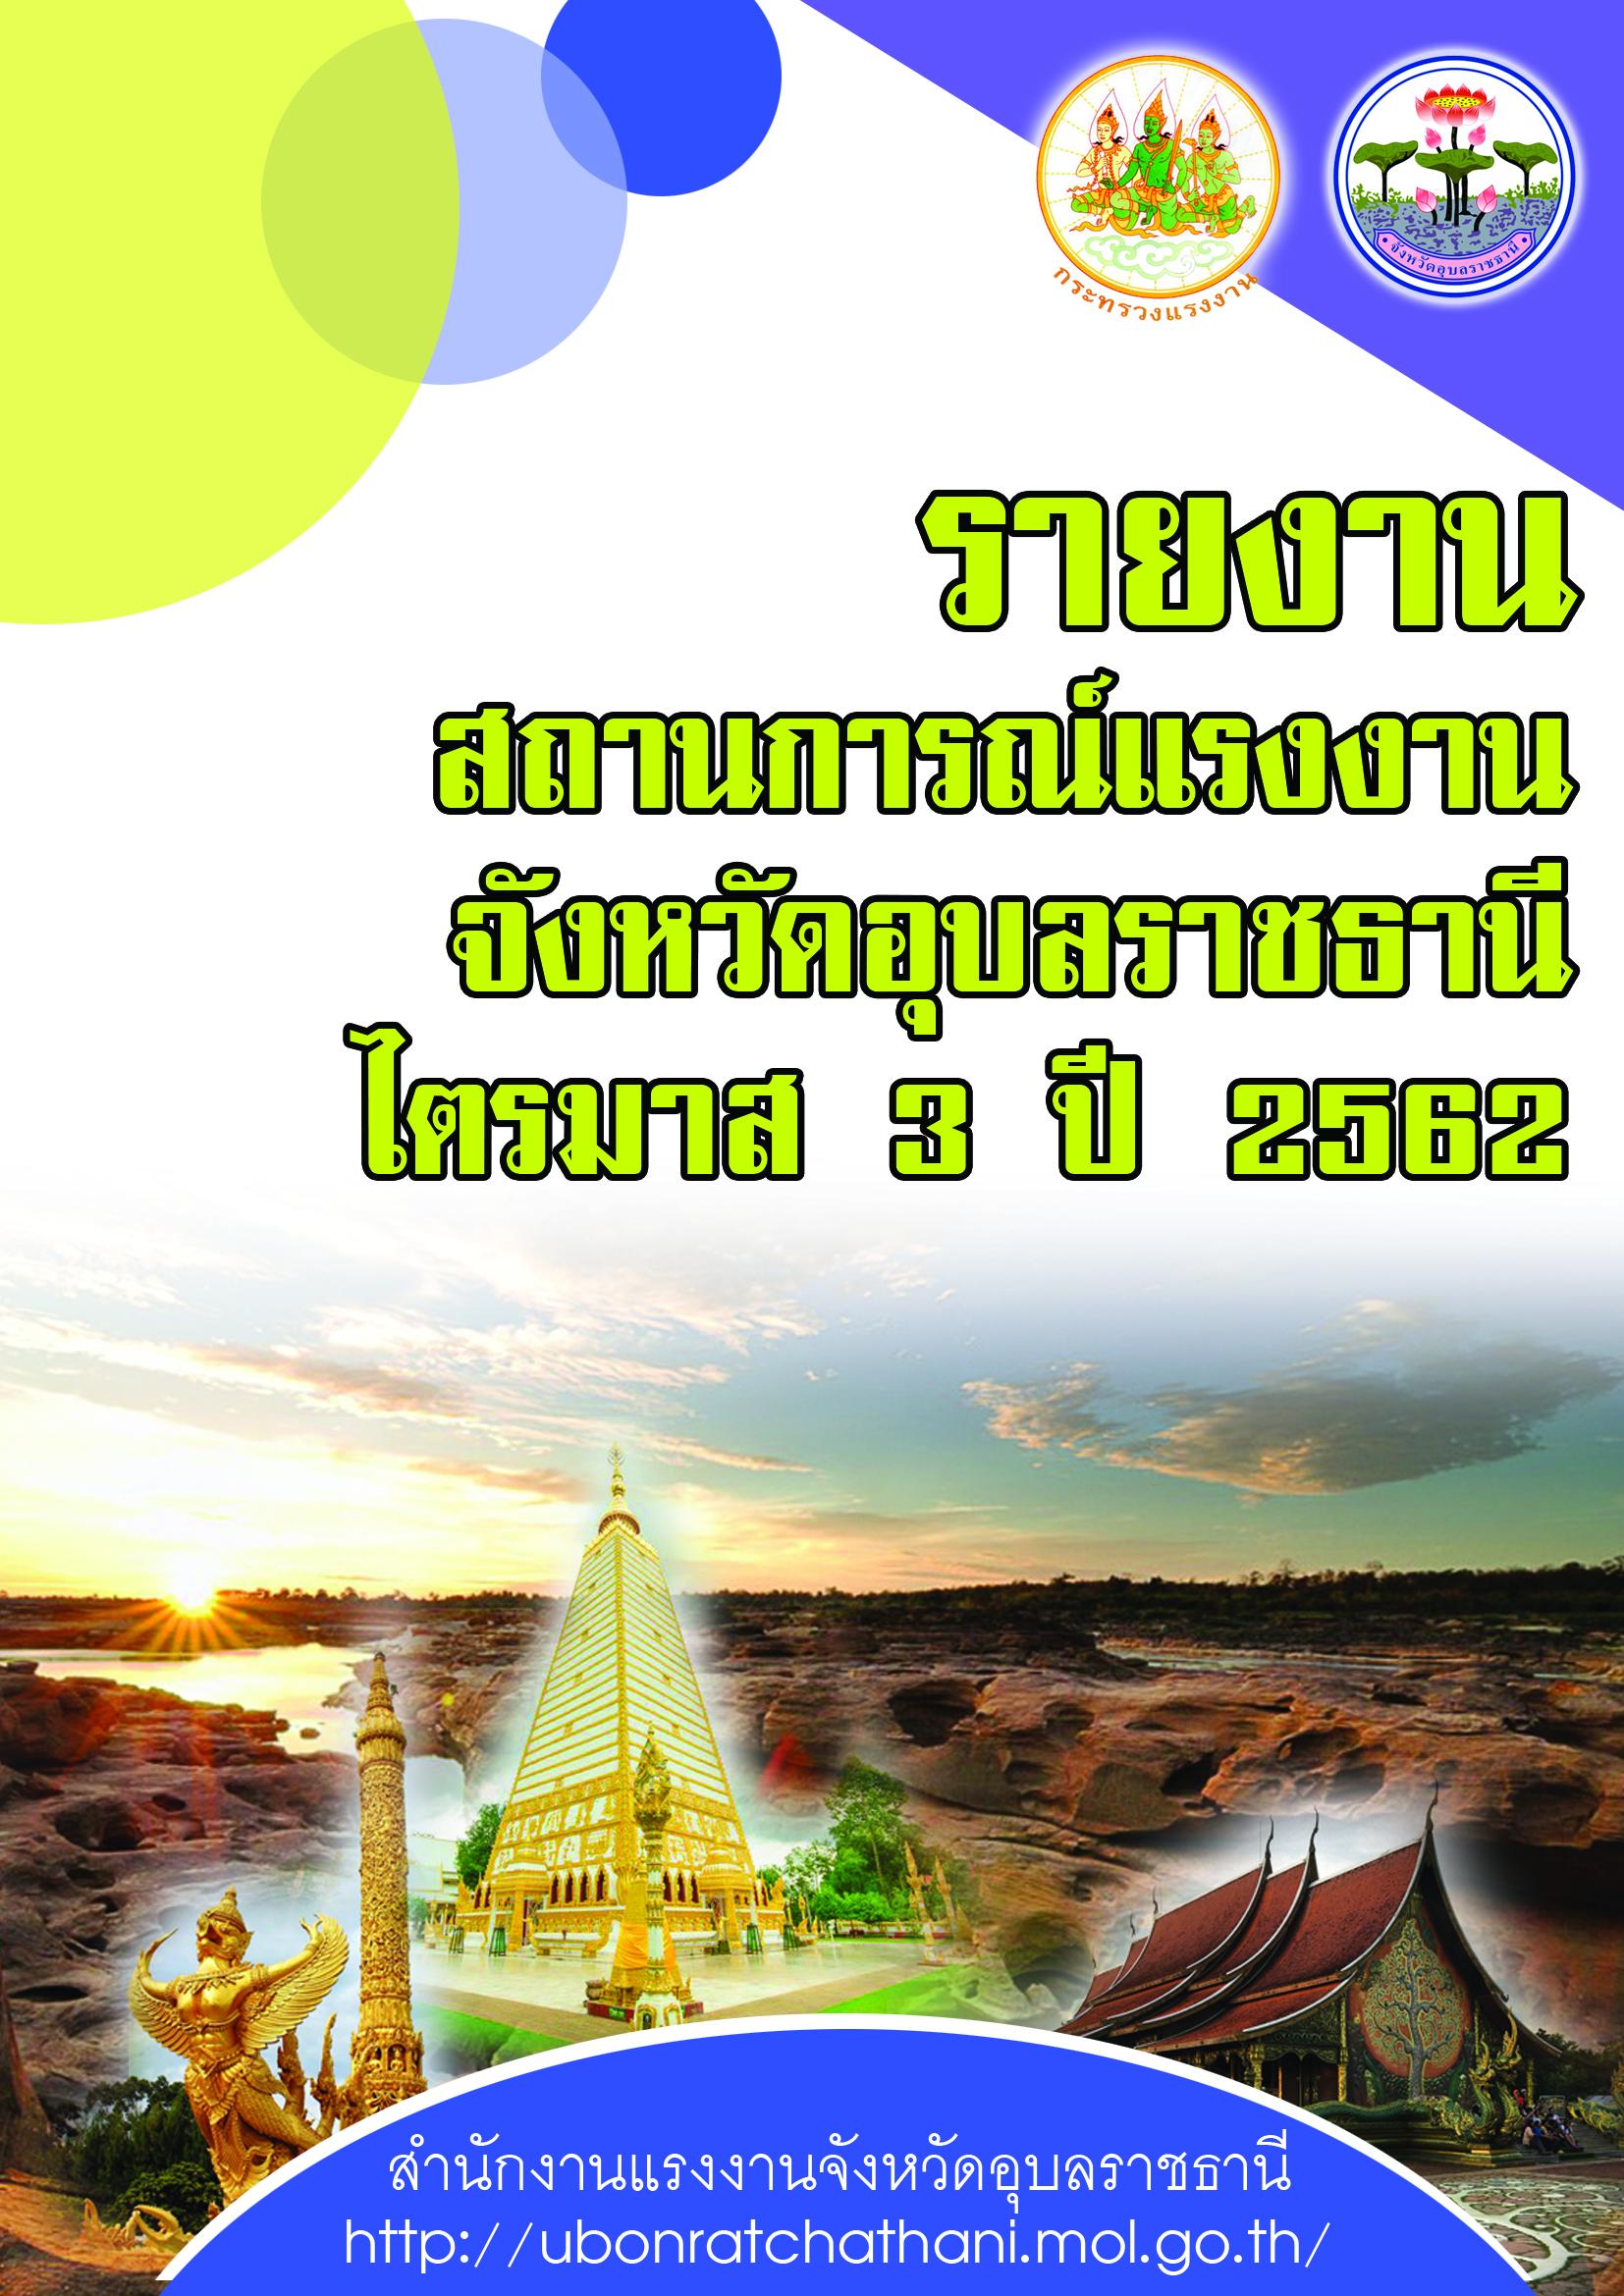 สถานการณ์แรงงานจังหวัดอุบลราชธานี ไตรมาส 3 ปี 2562